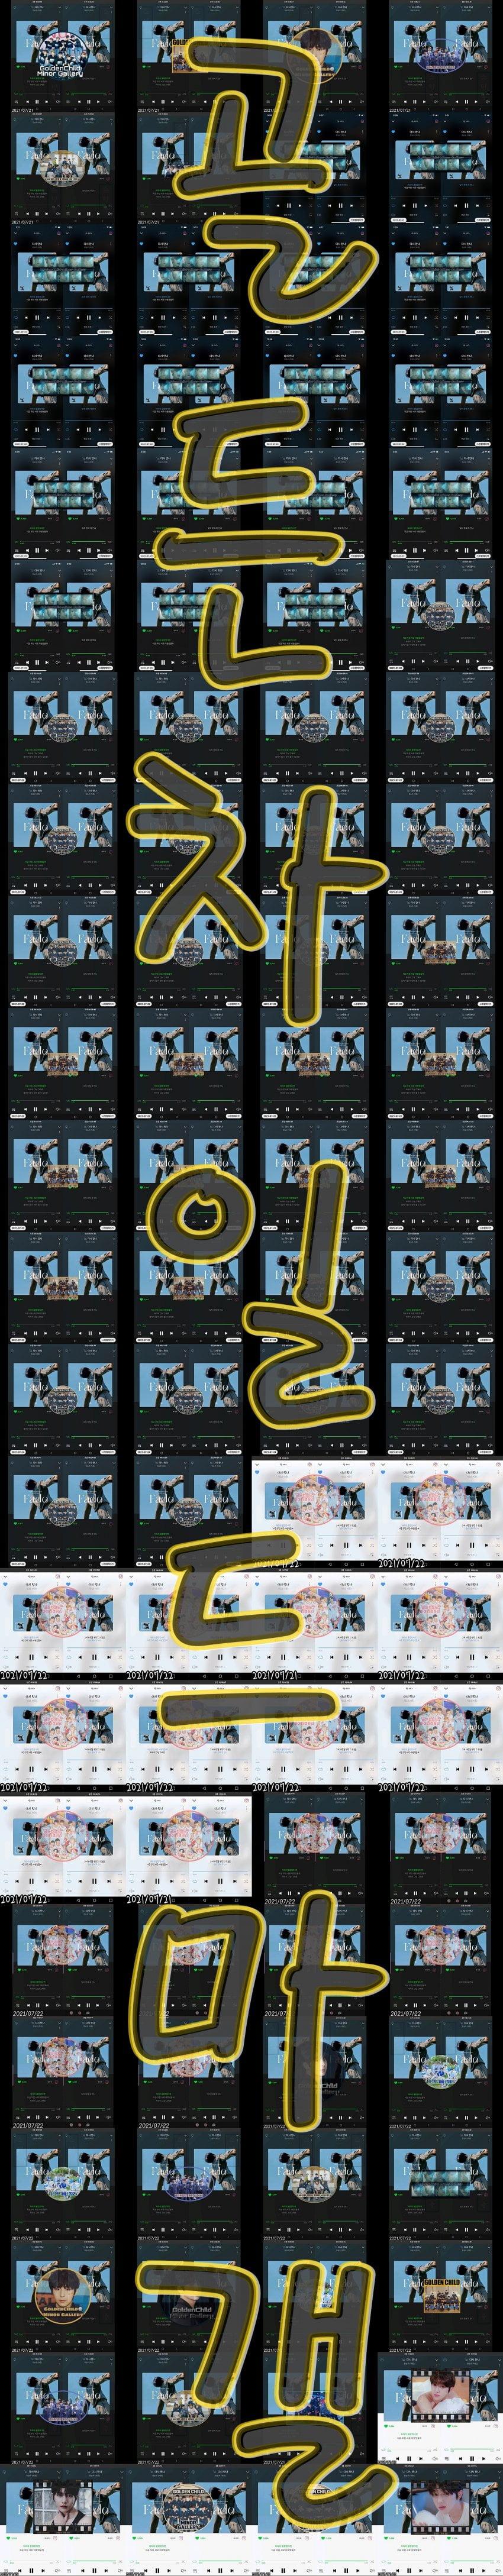 viewimage.php?id=3bb4d332eadc69f03fee86ec&no=24b0d769e1d32ca73deb86fa11d02831d16706cea37200d6da918d798472dc66074fe0a9e9041ce85f1bc3a58836b3c9c412f2d44b20d63a8e13a9bbadfa7ded7a5a77b2743a08e104529d5a915a3d7d41878bb9a6711285ff77b1af056e86ec68217cfdad1e84233f852bd8